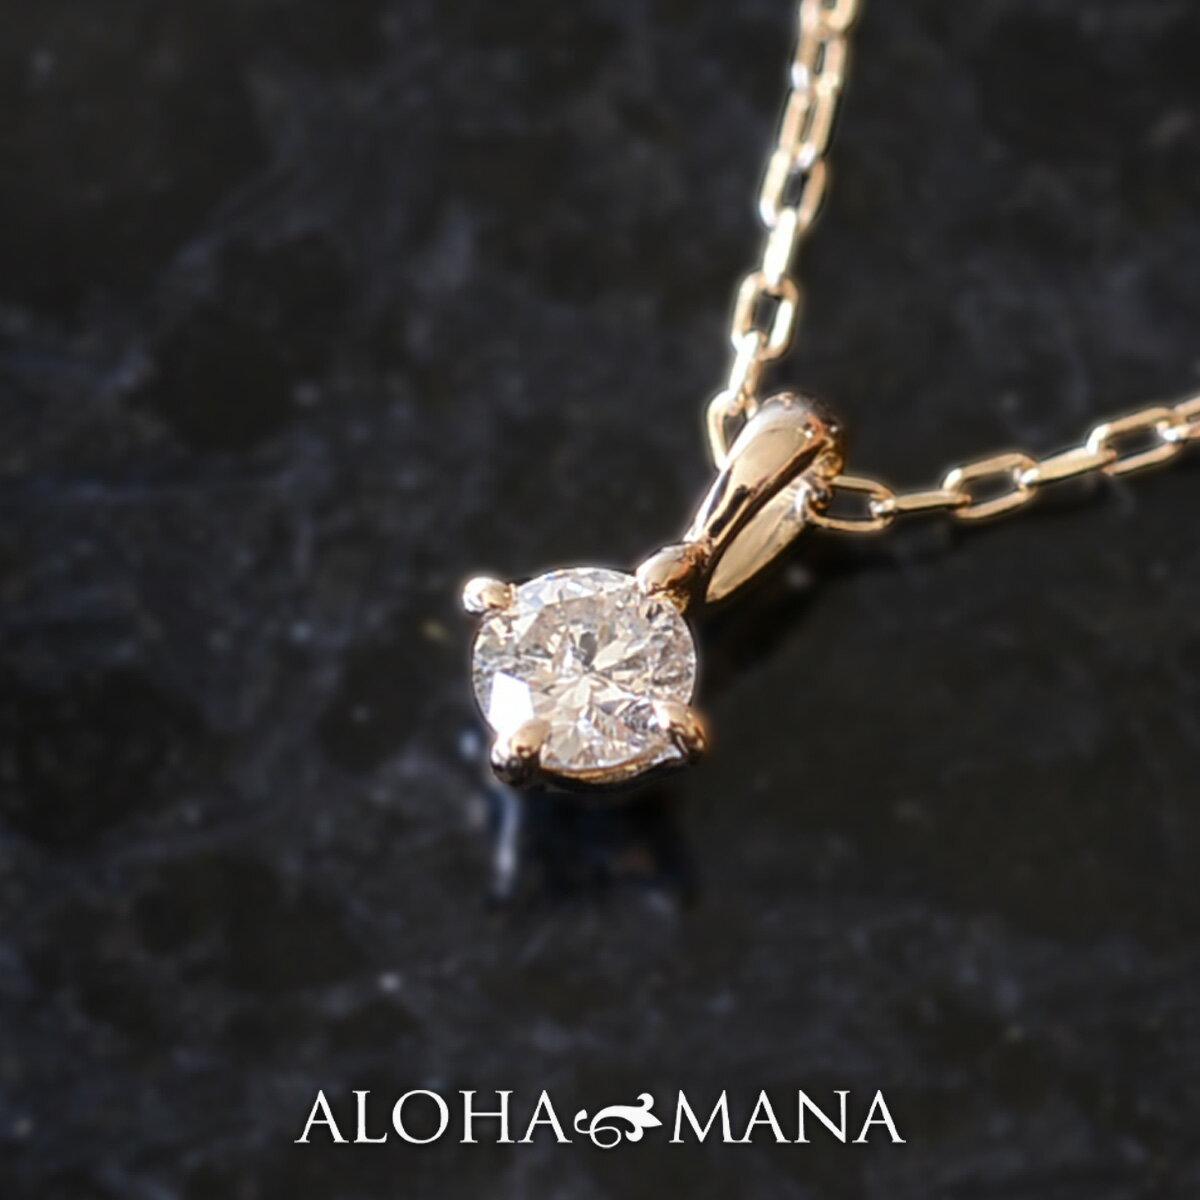 一粒 ダイヤモンド ネックレス ハワイアンジュエリー アクセサリー レディース 女性 [Maxi]マキシ ゴールド ペンダント 華奢な ひと粒 ダイヤモンドネックレス K10 イエローゴールド mxpdn72 ホワイトデー プレゼント ギフト